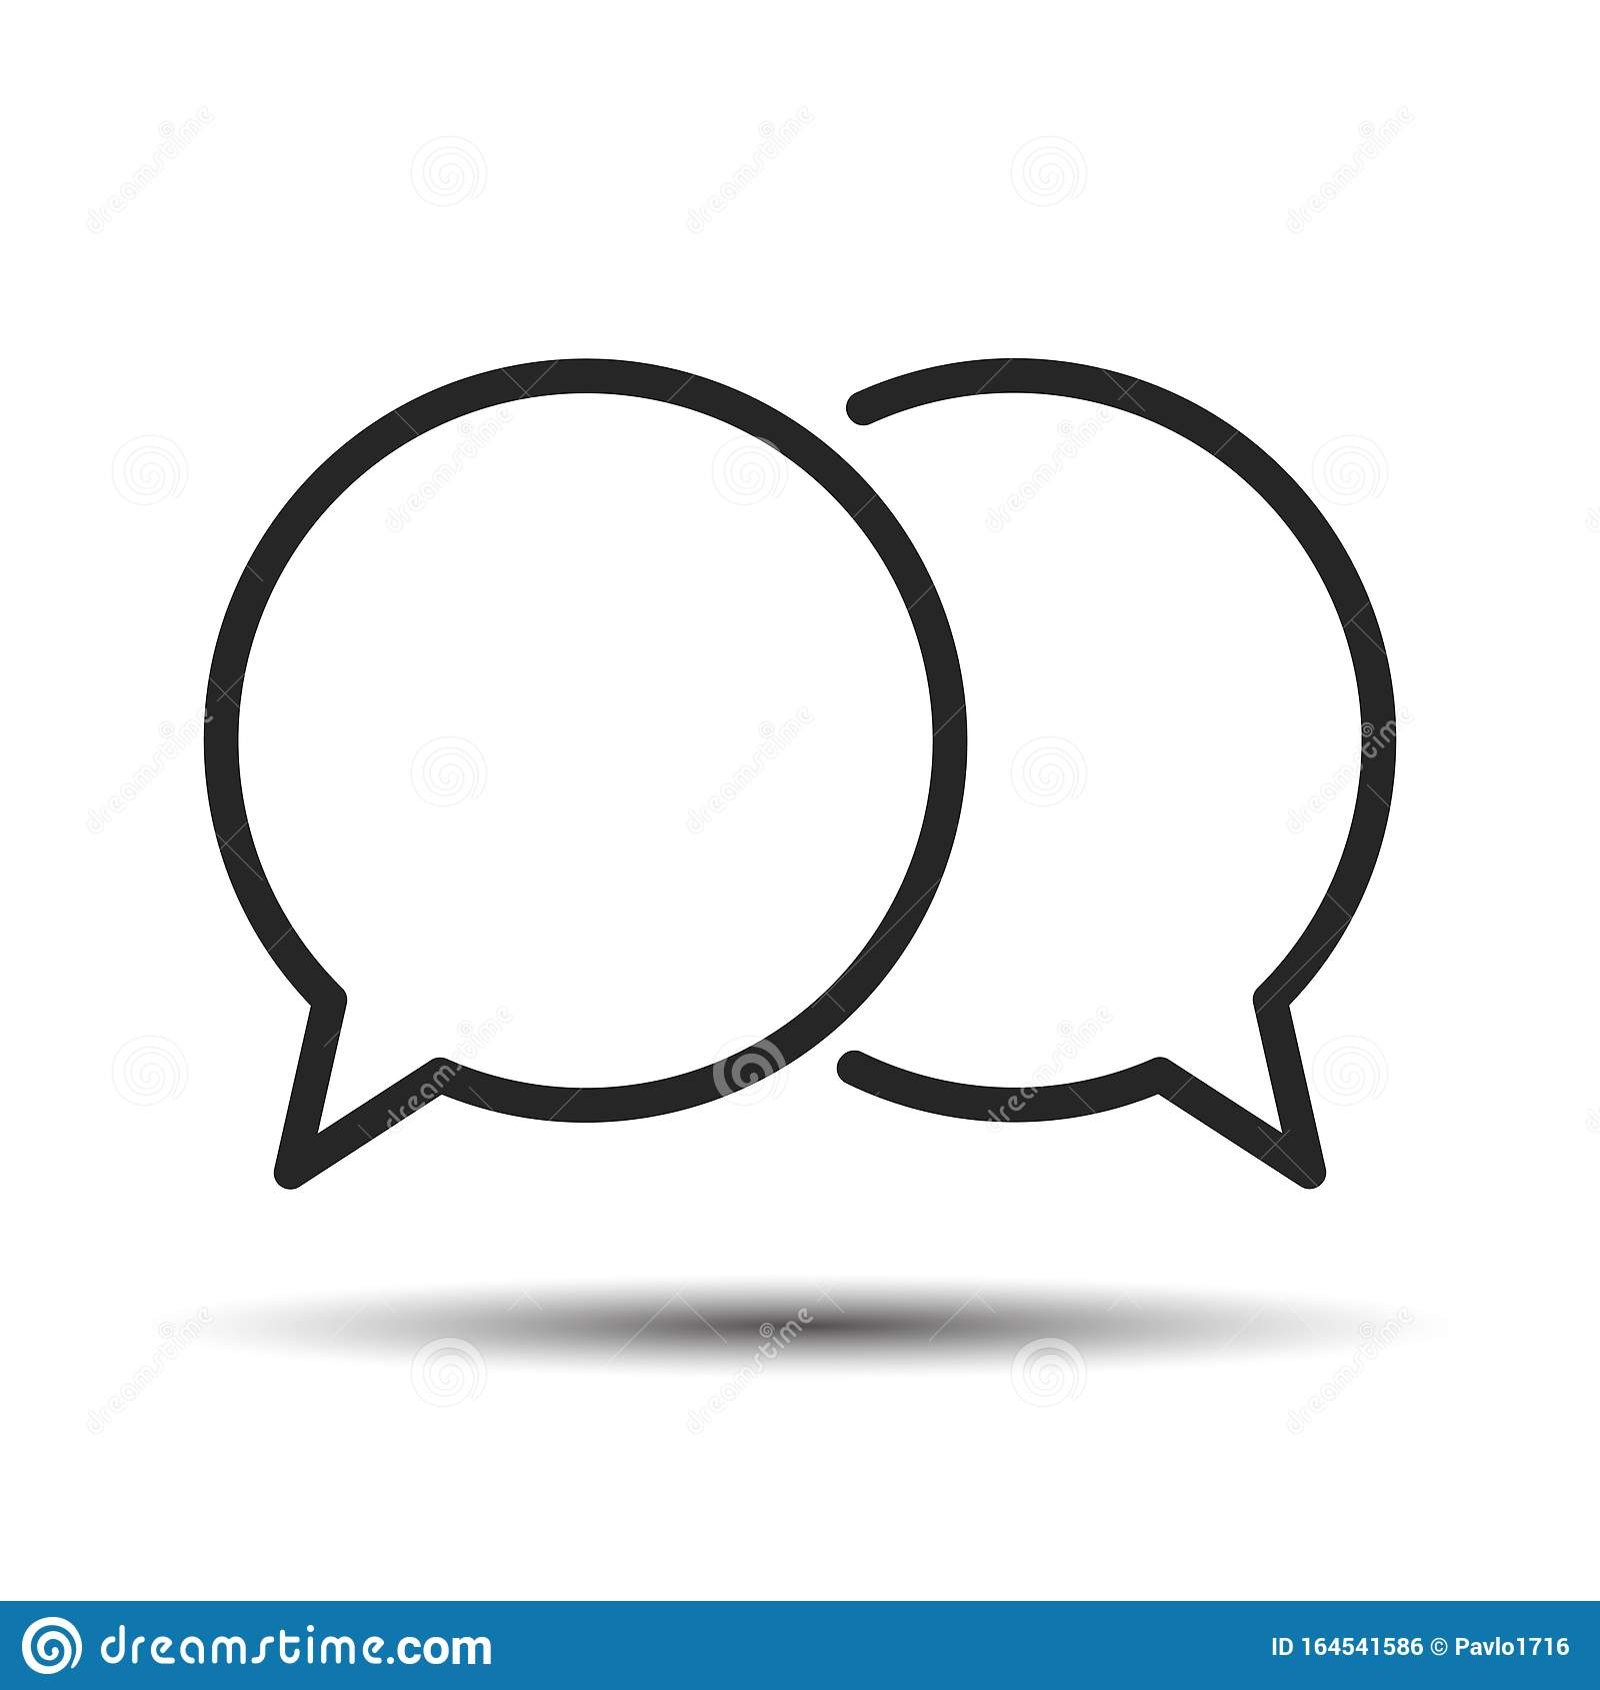 Chat zeichen bilder für WhatsApp ASCII